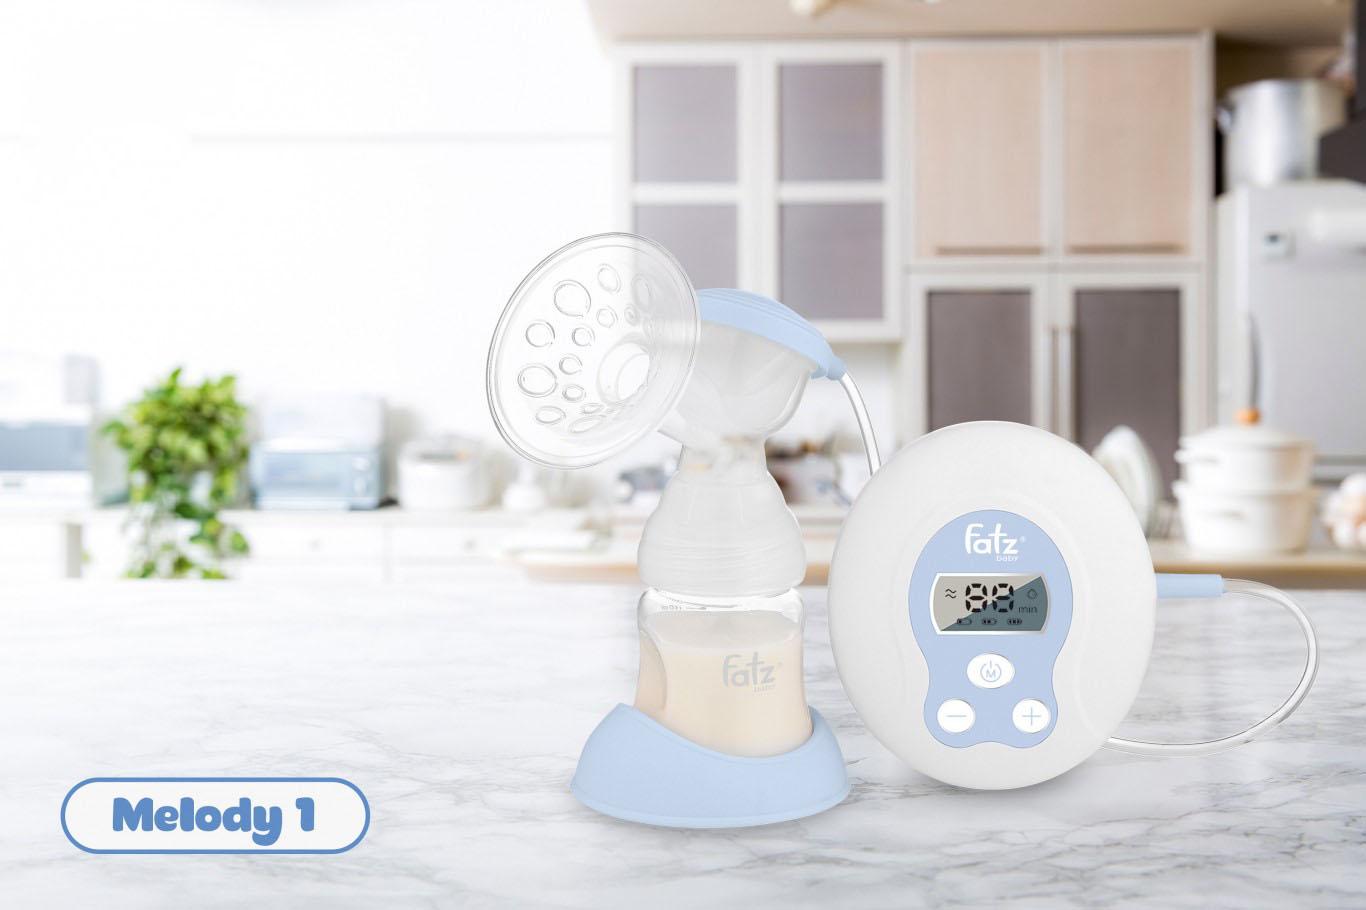 Máy hút sữa điện đơn Fatzbaby - Melody 1 - FB1015VN